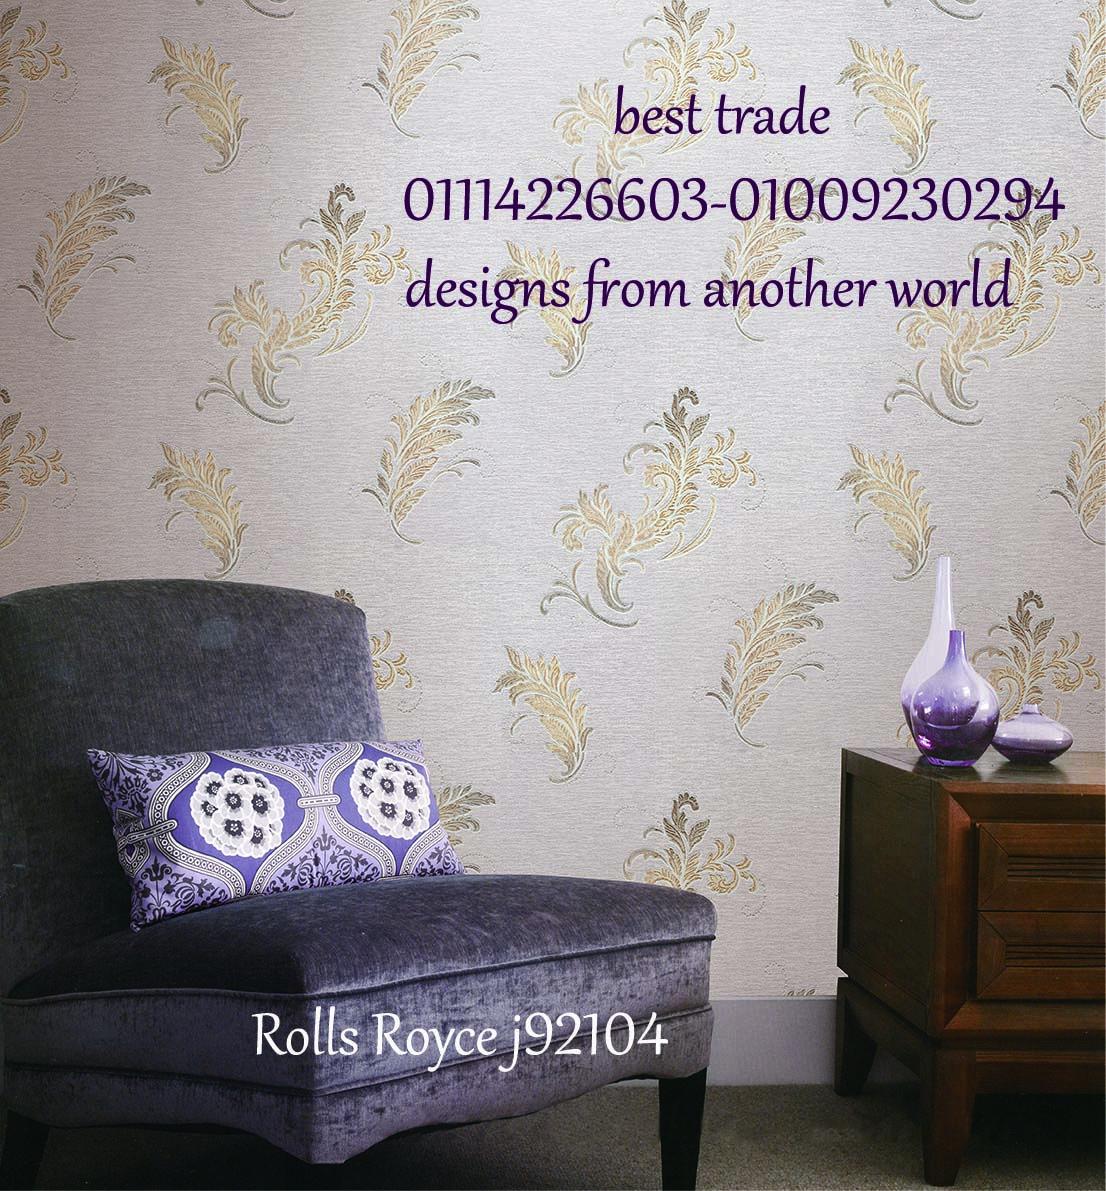 جديد من Best Trade كتالوجات جديدة 0 53 10 05 متر يغطى مساحة 5 3 متر مربع 400 الرول Best Trade Designs From Anoth Home Decor Decals Decor Styles Decor